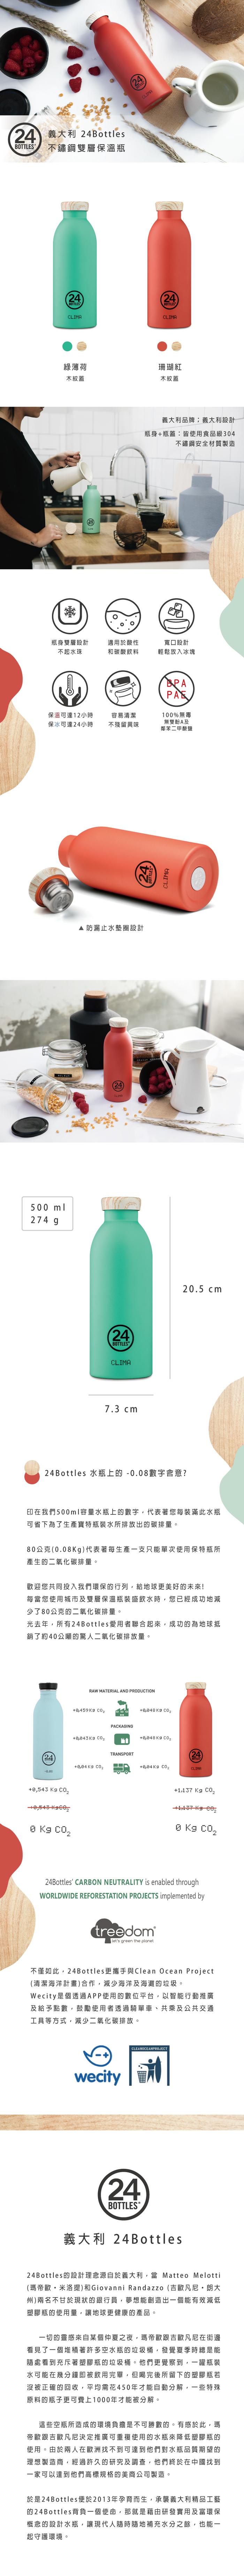 (複製)義大利 24Bottles | 不鏽鋼雙層保溫瓶 500ml - 橄欖綠